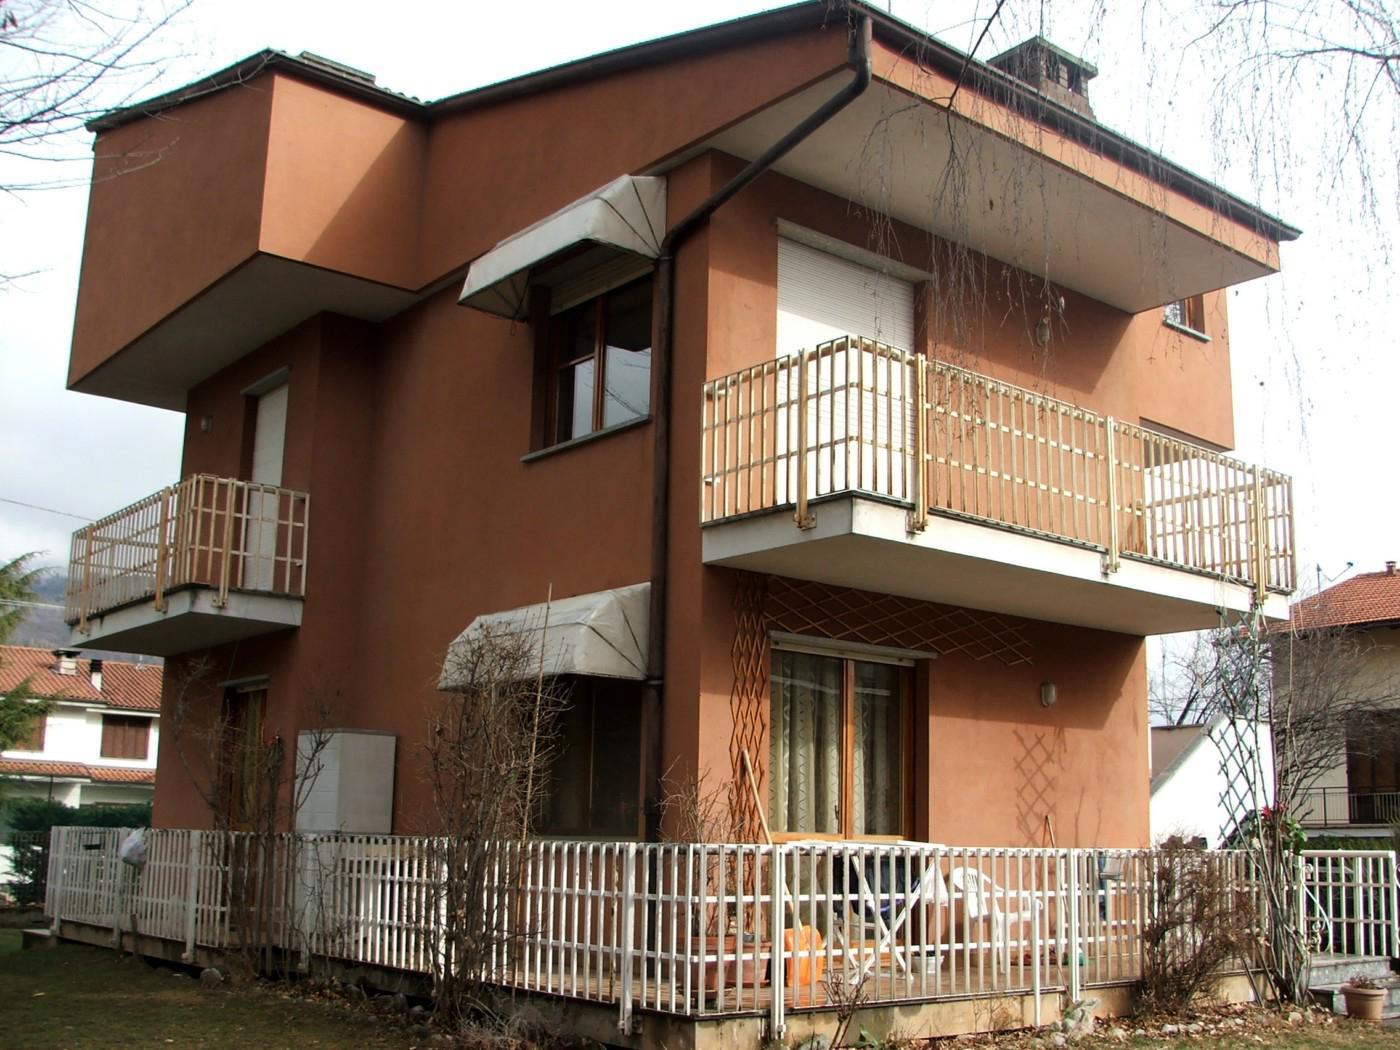 Appartamento in vendita a Dronero, 4 locali, prezzo € 110.000   PortaleAgenzieImmobiliari.it